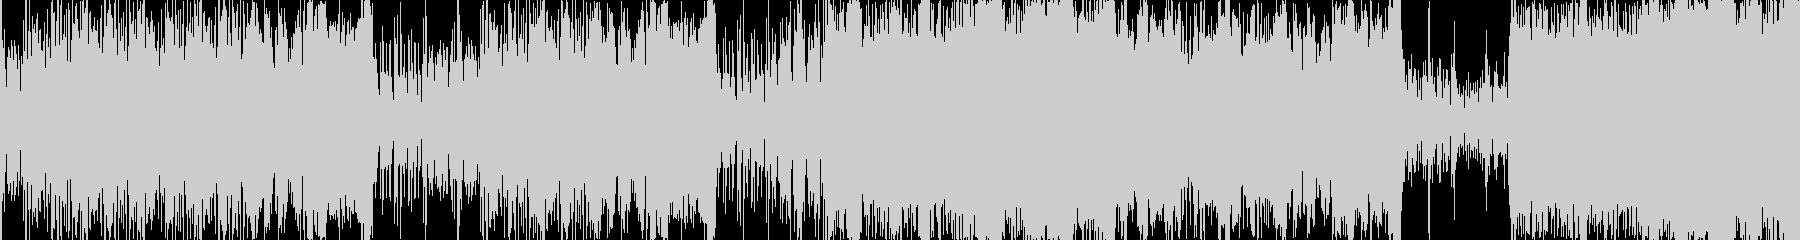 OP行進フルオーケストラ発表シリーズの未再生の波形